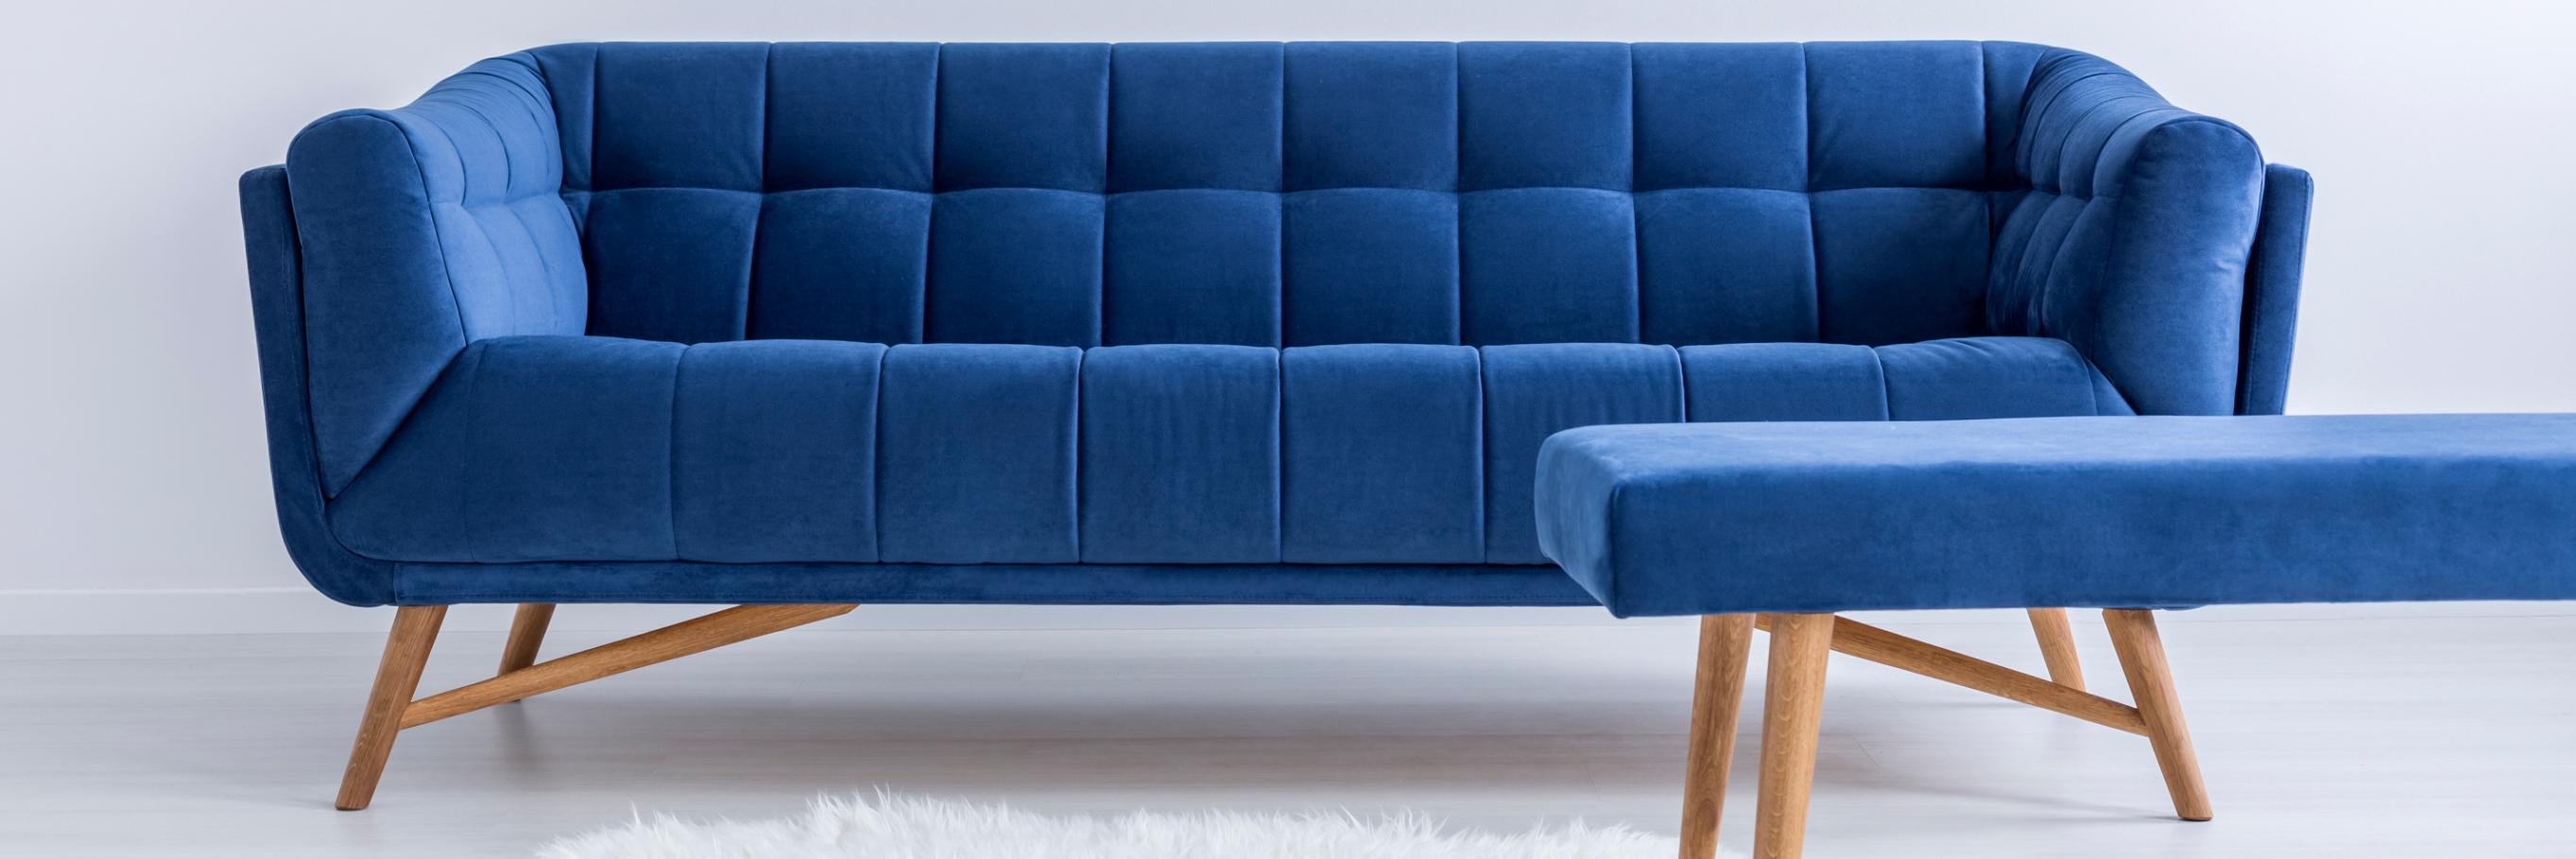 Manche hochwertige Möbel gibt es billig im Abverkauf